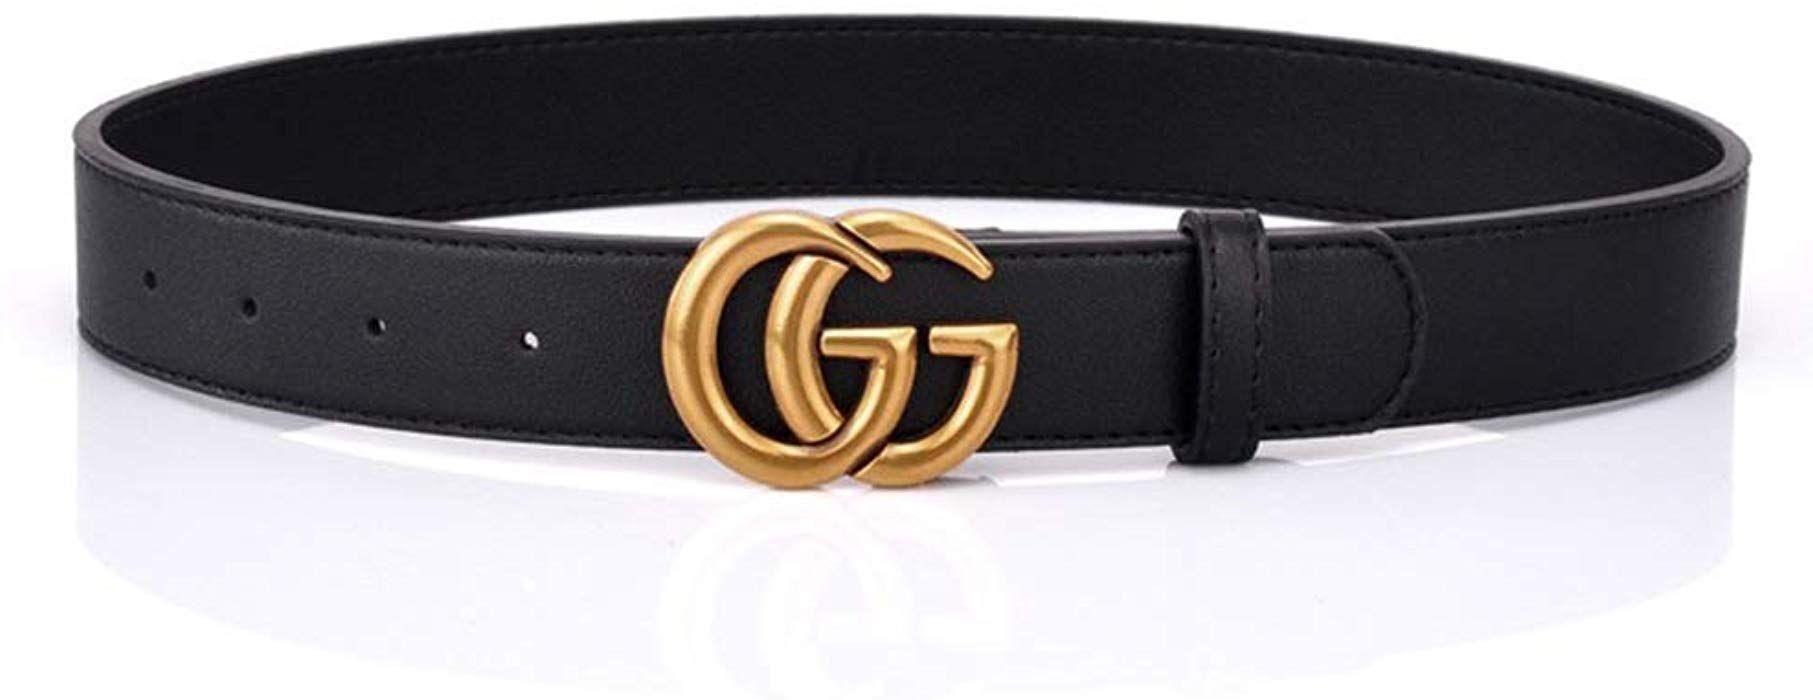 Vintage-esque Gucci belt